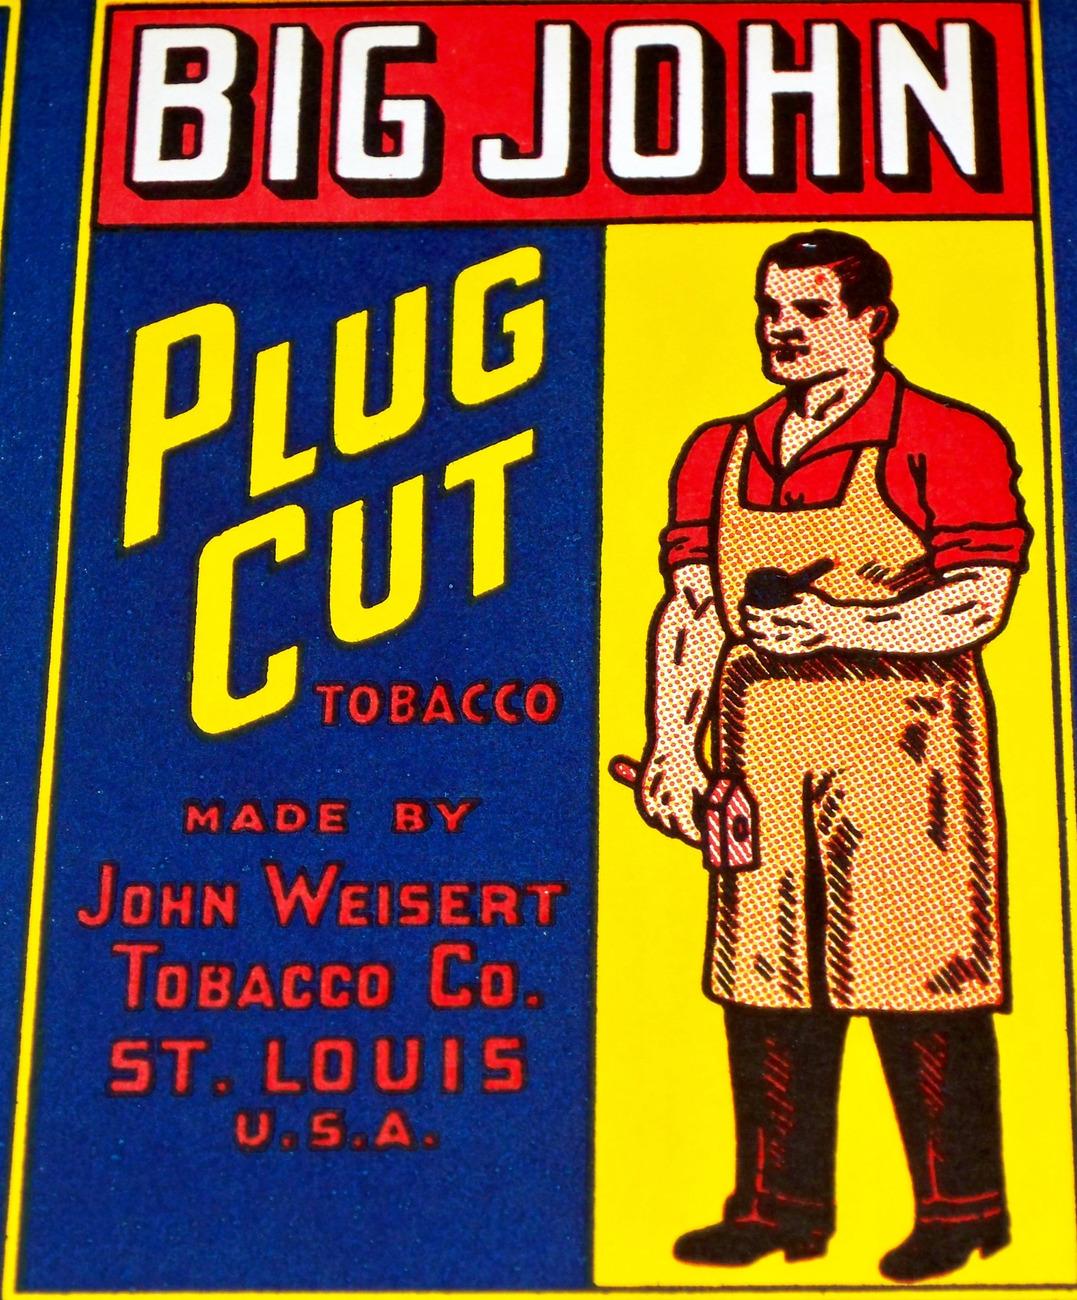 Big john tobacco label large 002